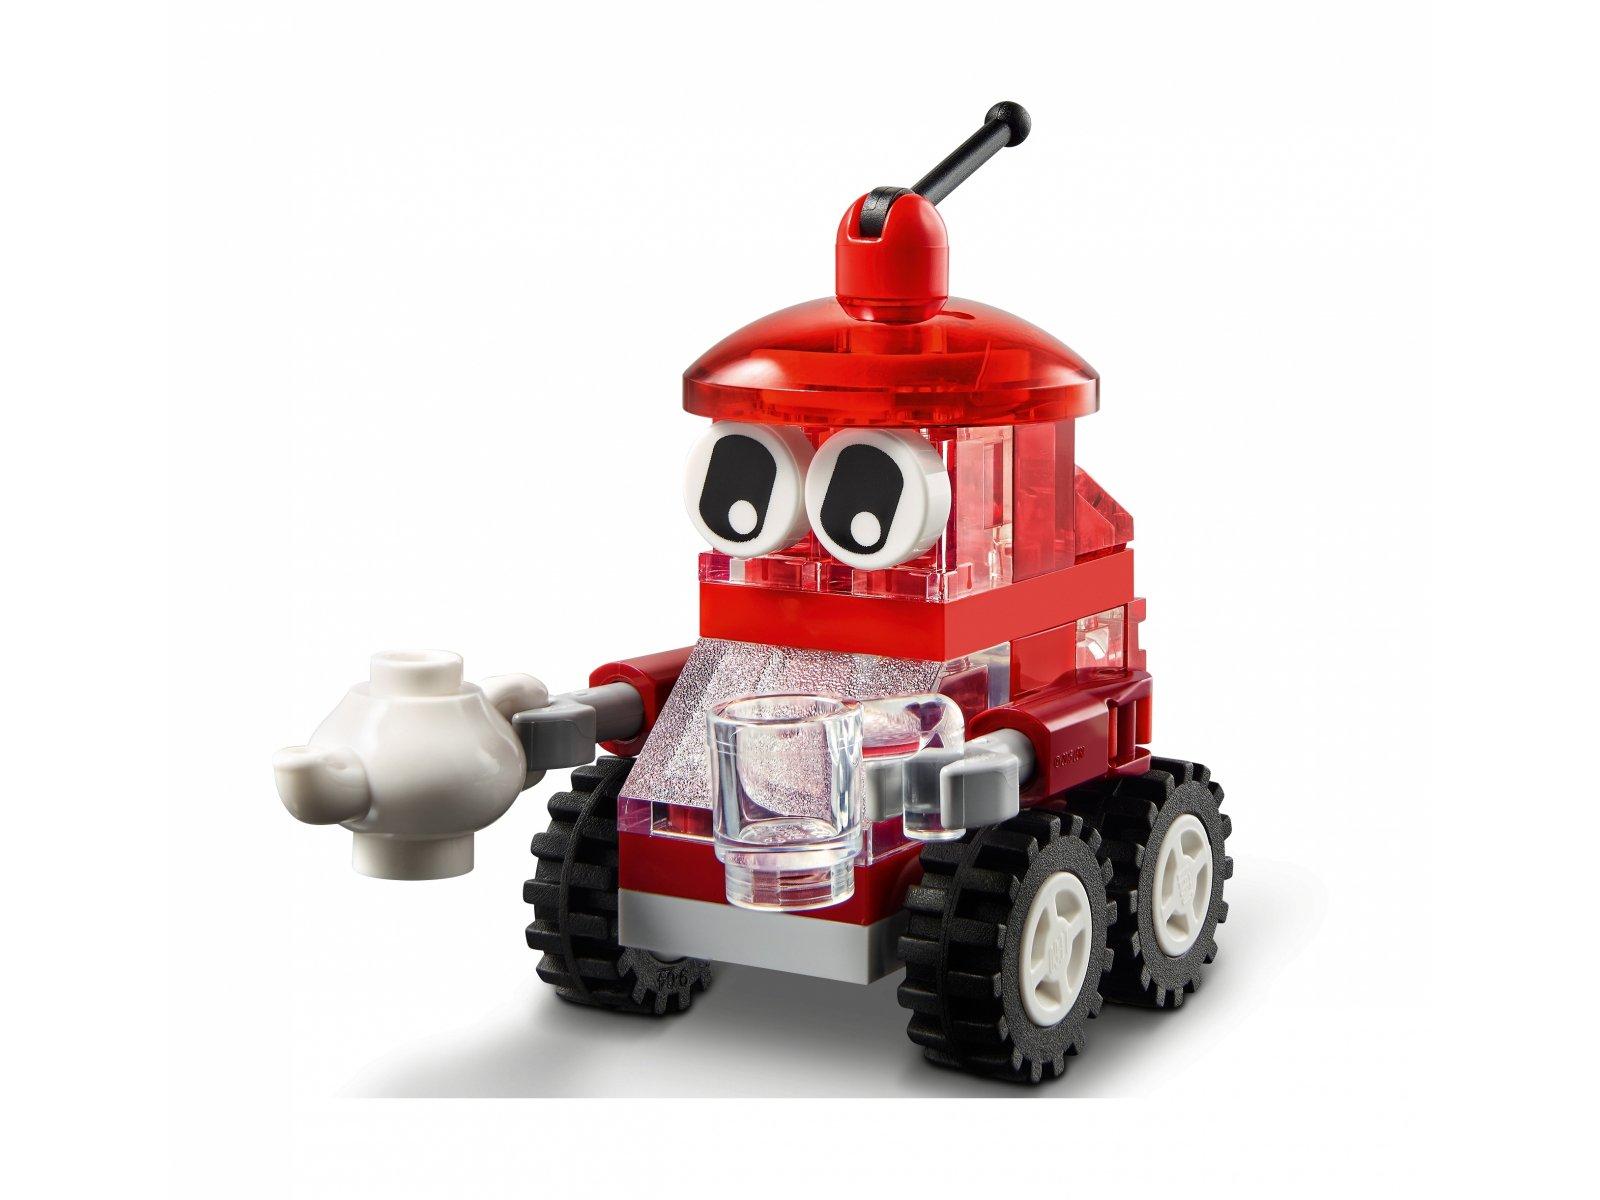 LEGO 11013 Kreatywne przezroczyste klocki